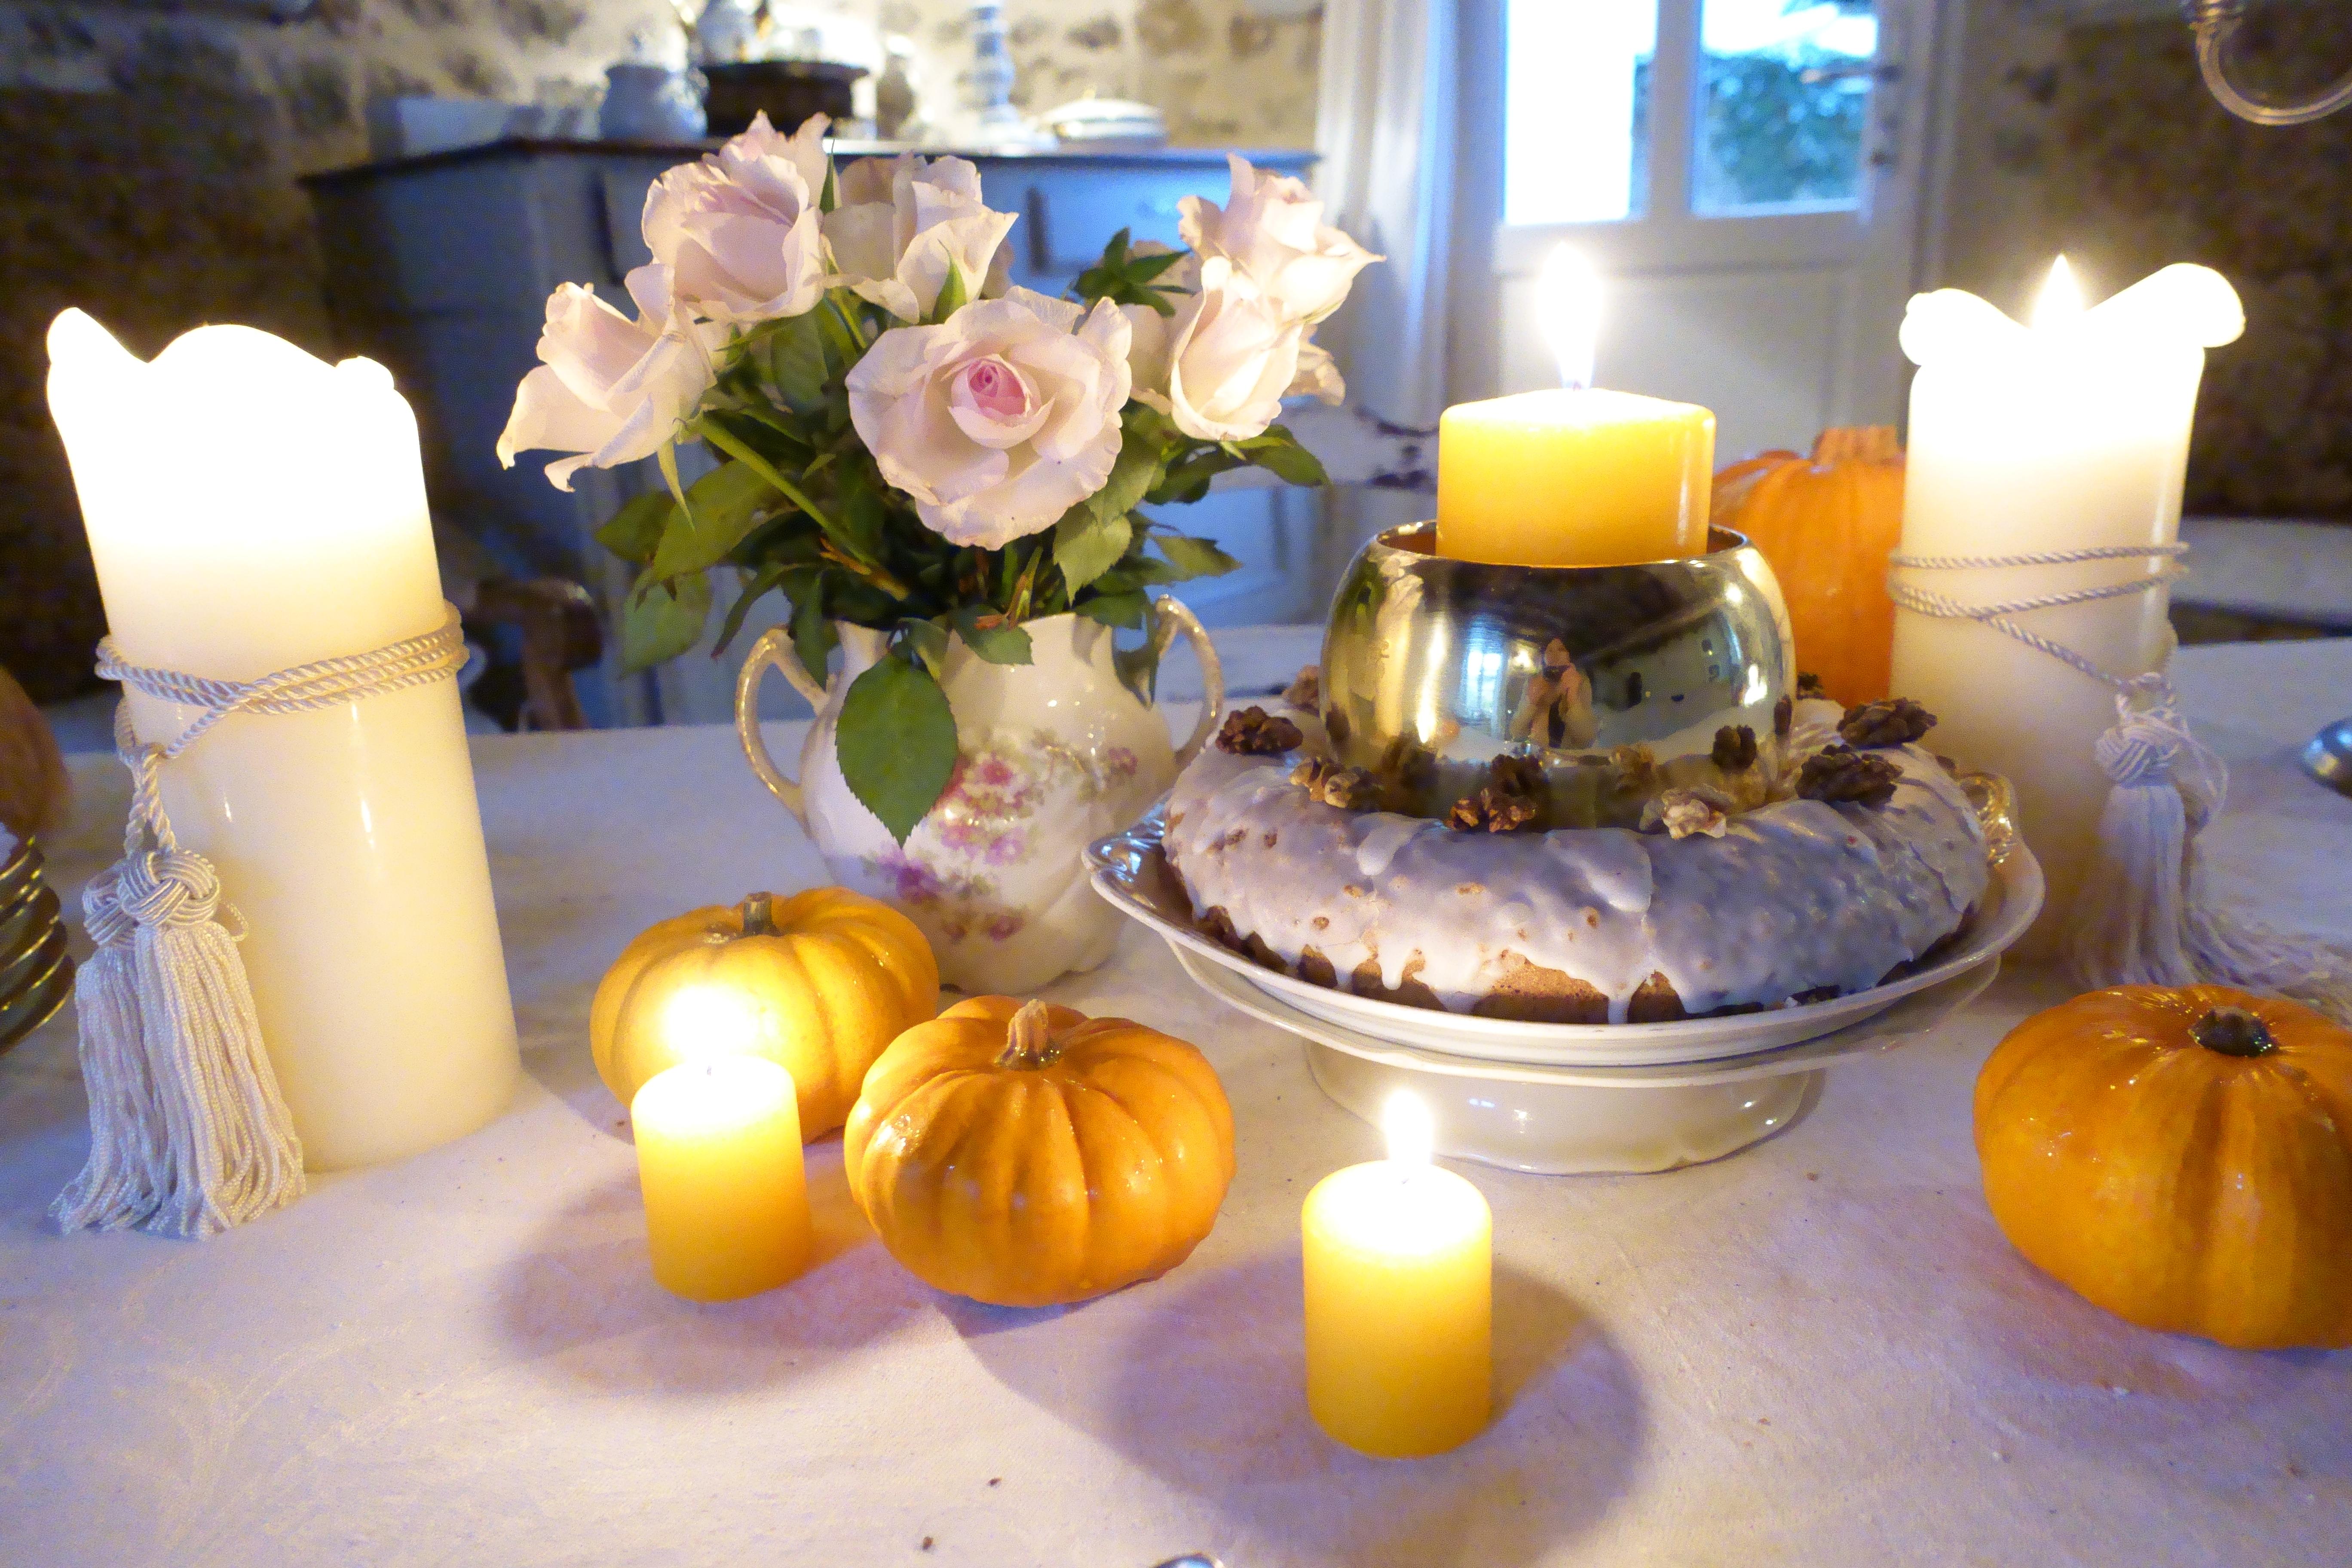 Douceur rustique : un gâteau à la farine de châtaigne de saison | Rustic indulgence: a chestnut flour season's tea cake